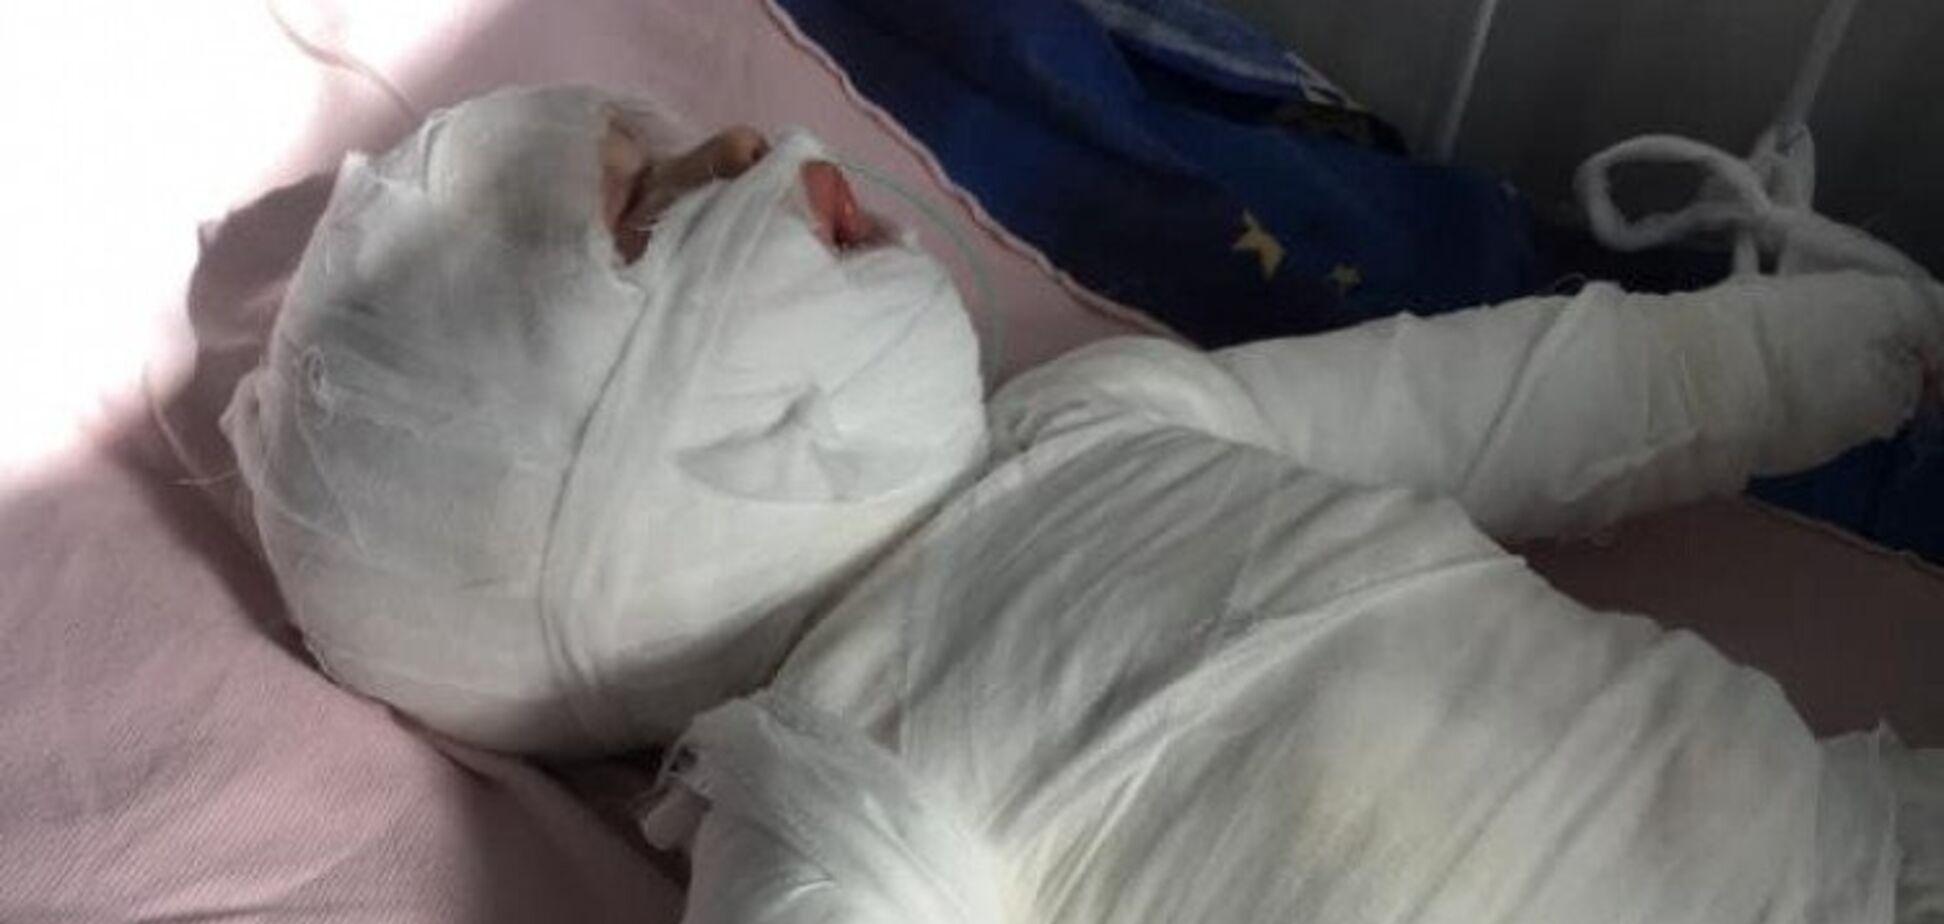 Годовалый ребенок ошпарился кипятком на Одесщине